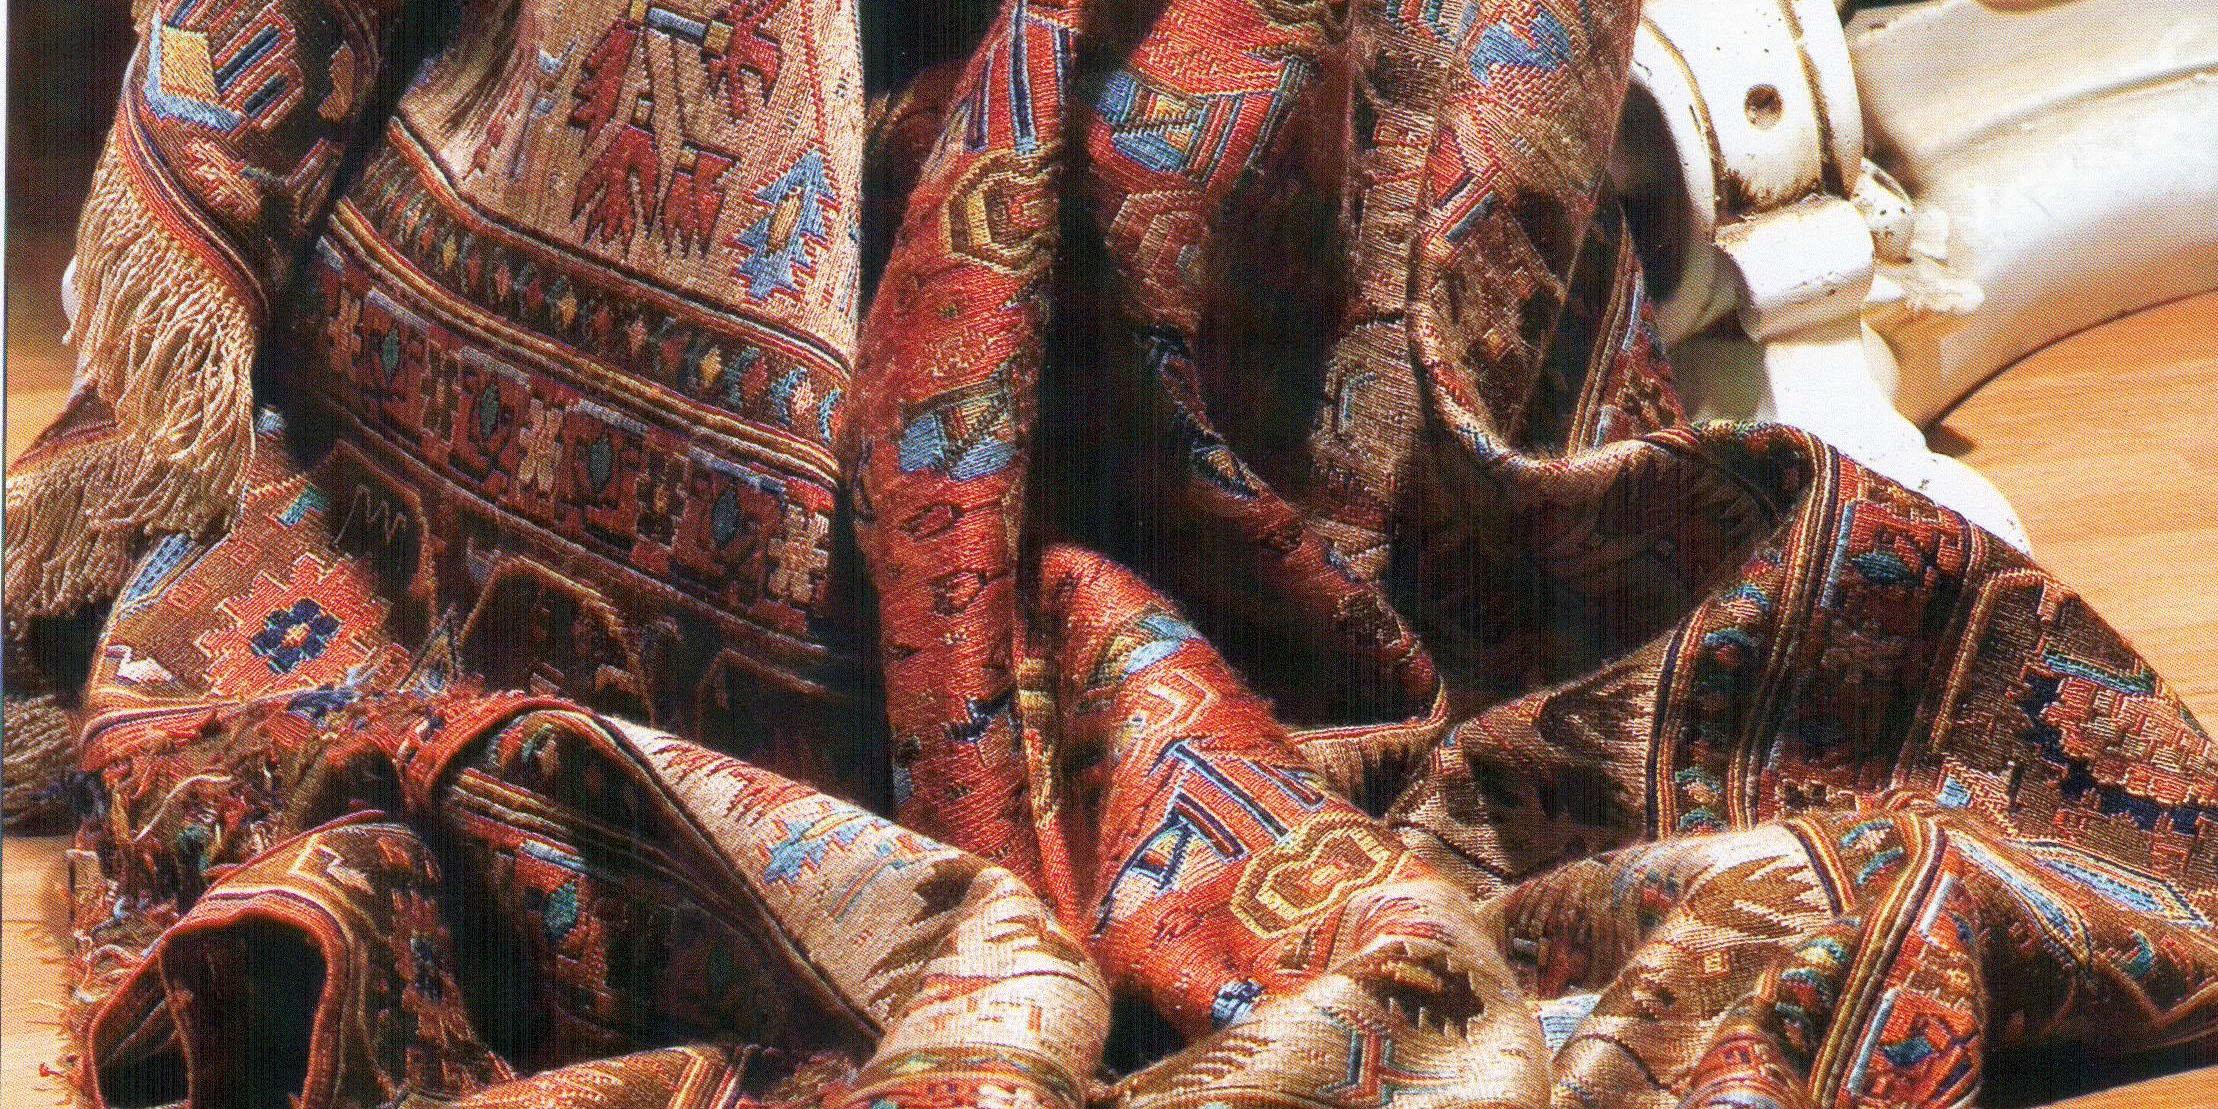 مرکز توسعه نوغانداری کشور خواستار اعلام برآورد نیاز ابریشم مصرفی در صنعت فرش شد